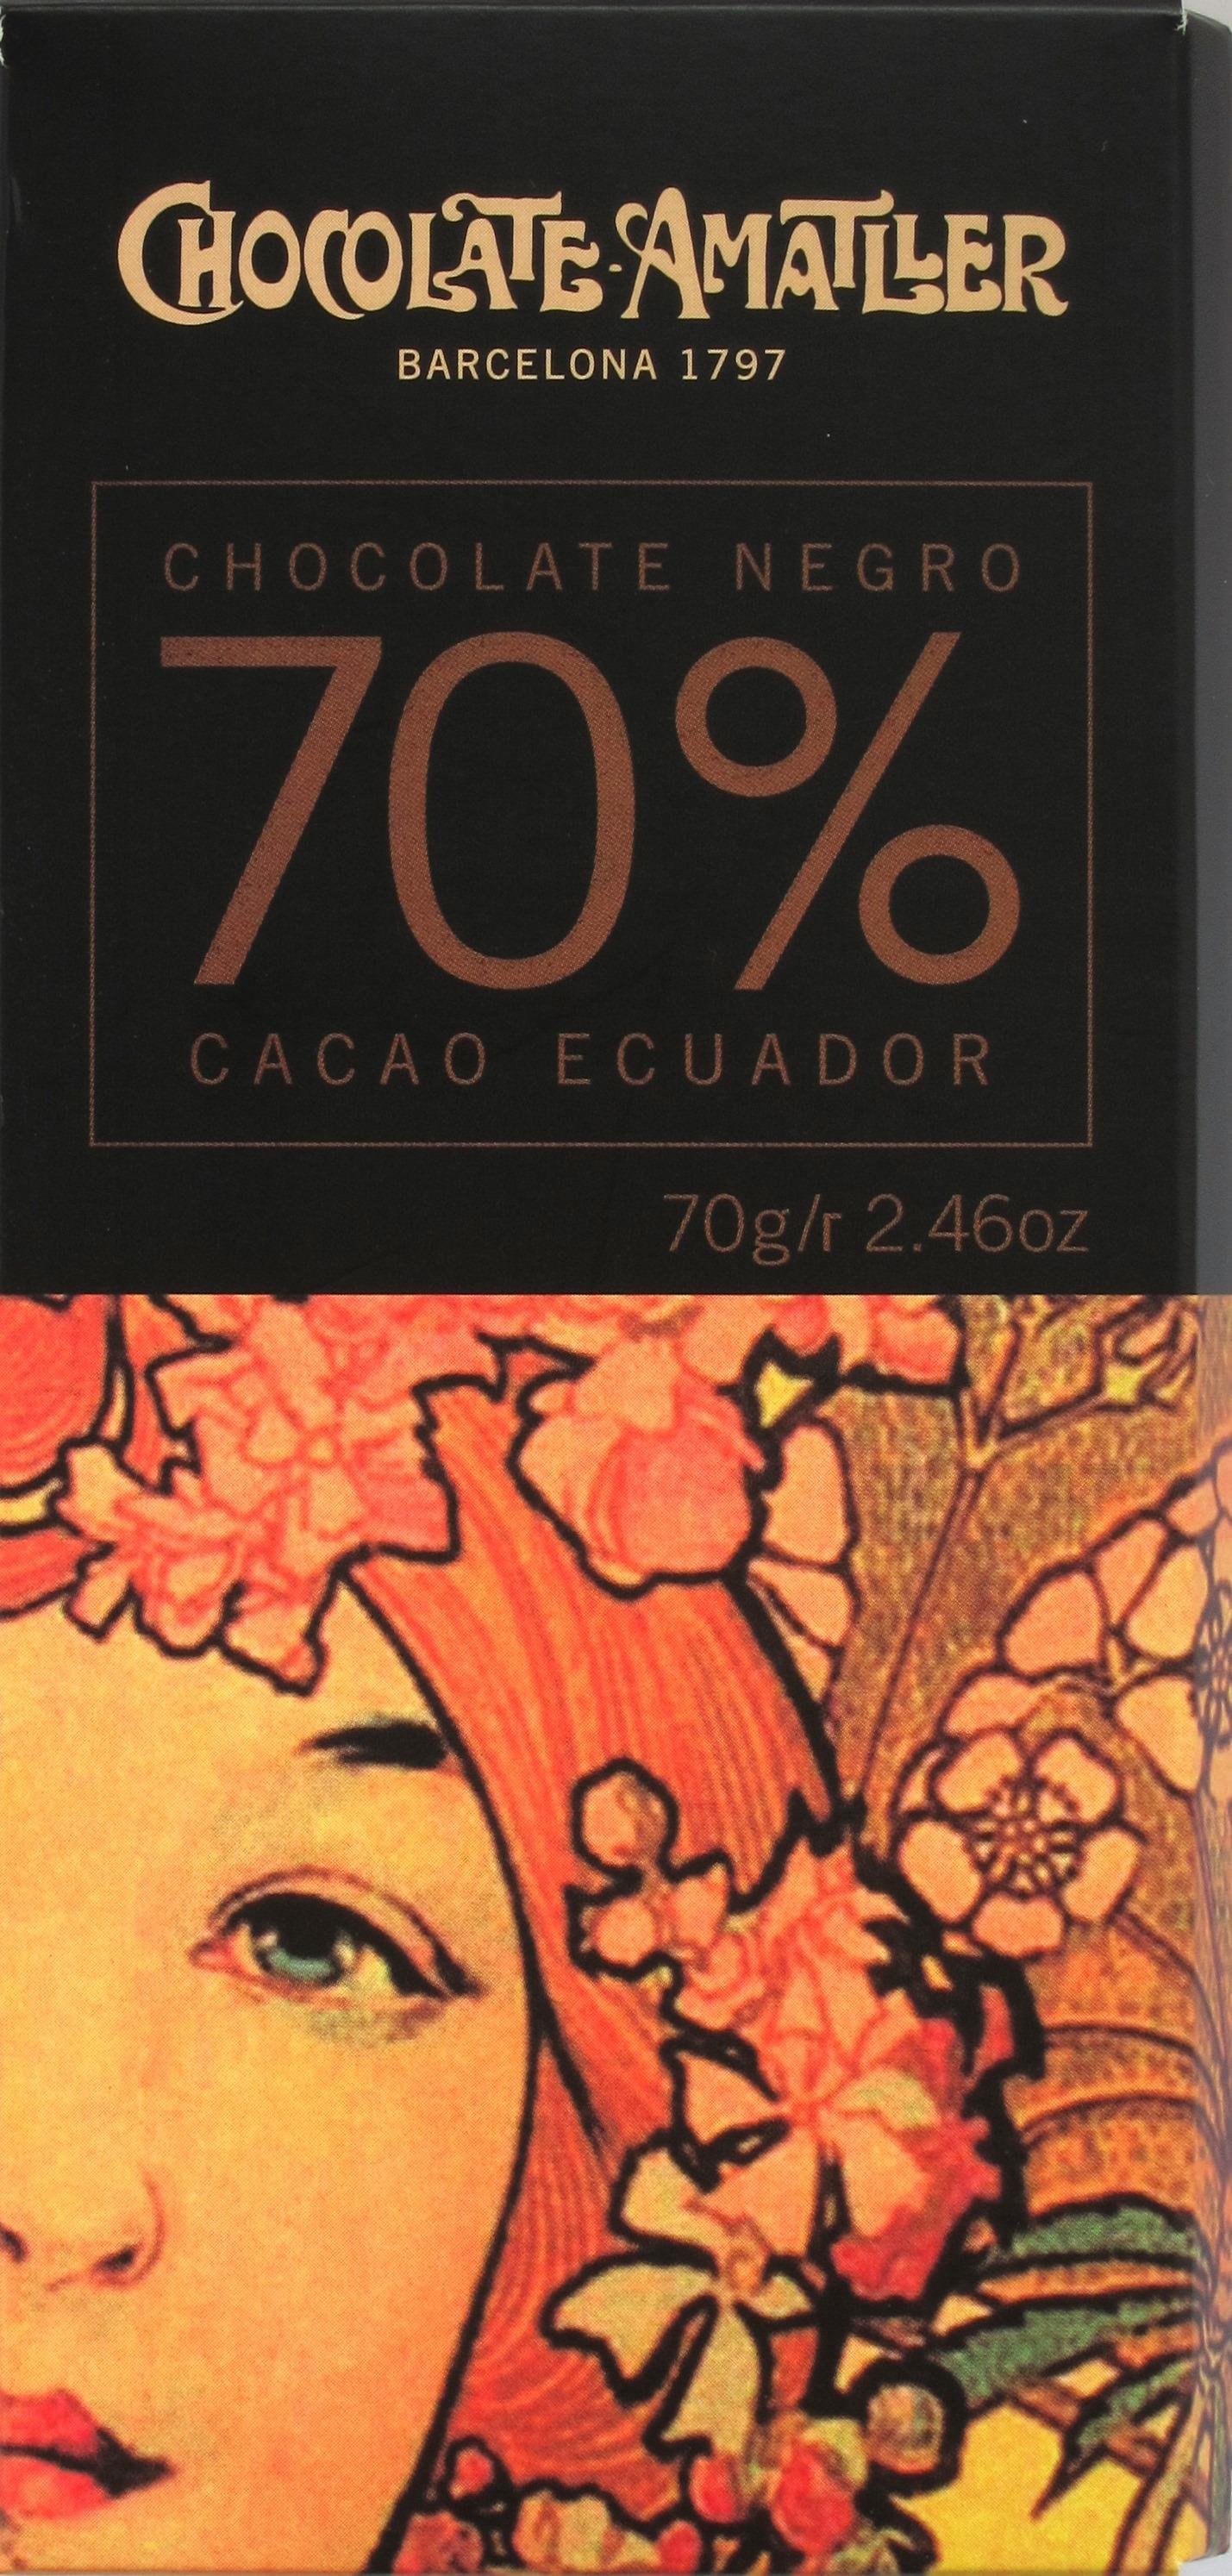 Amatller-Bitterschokolade 70% Ecuador